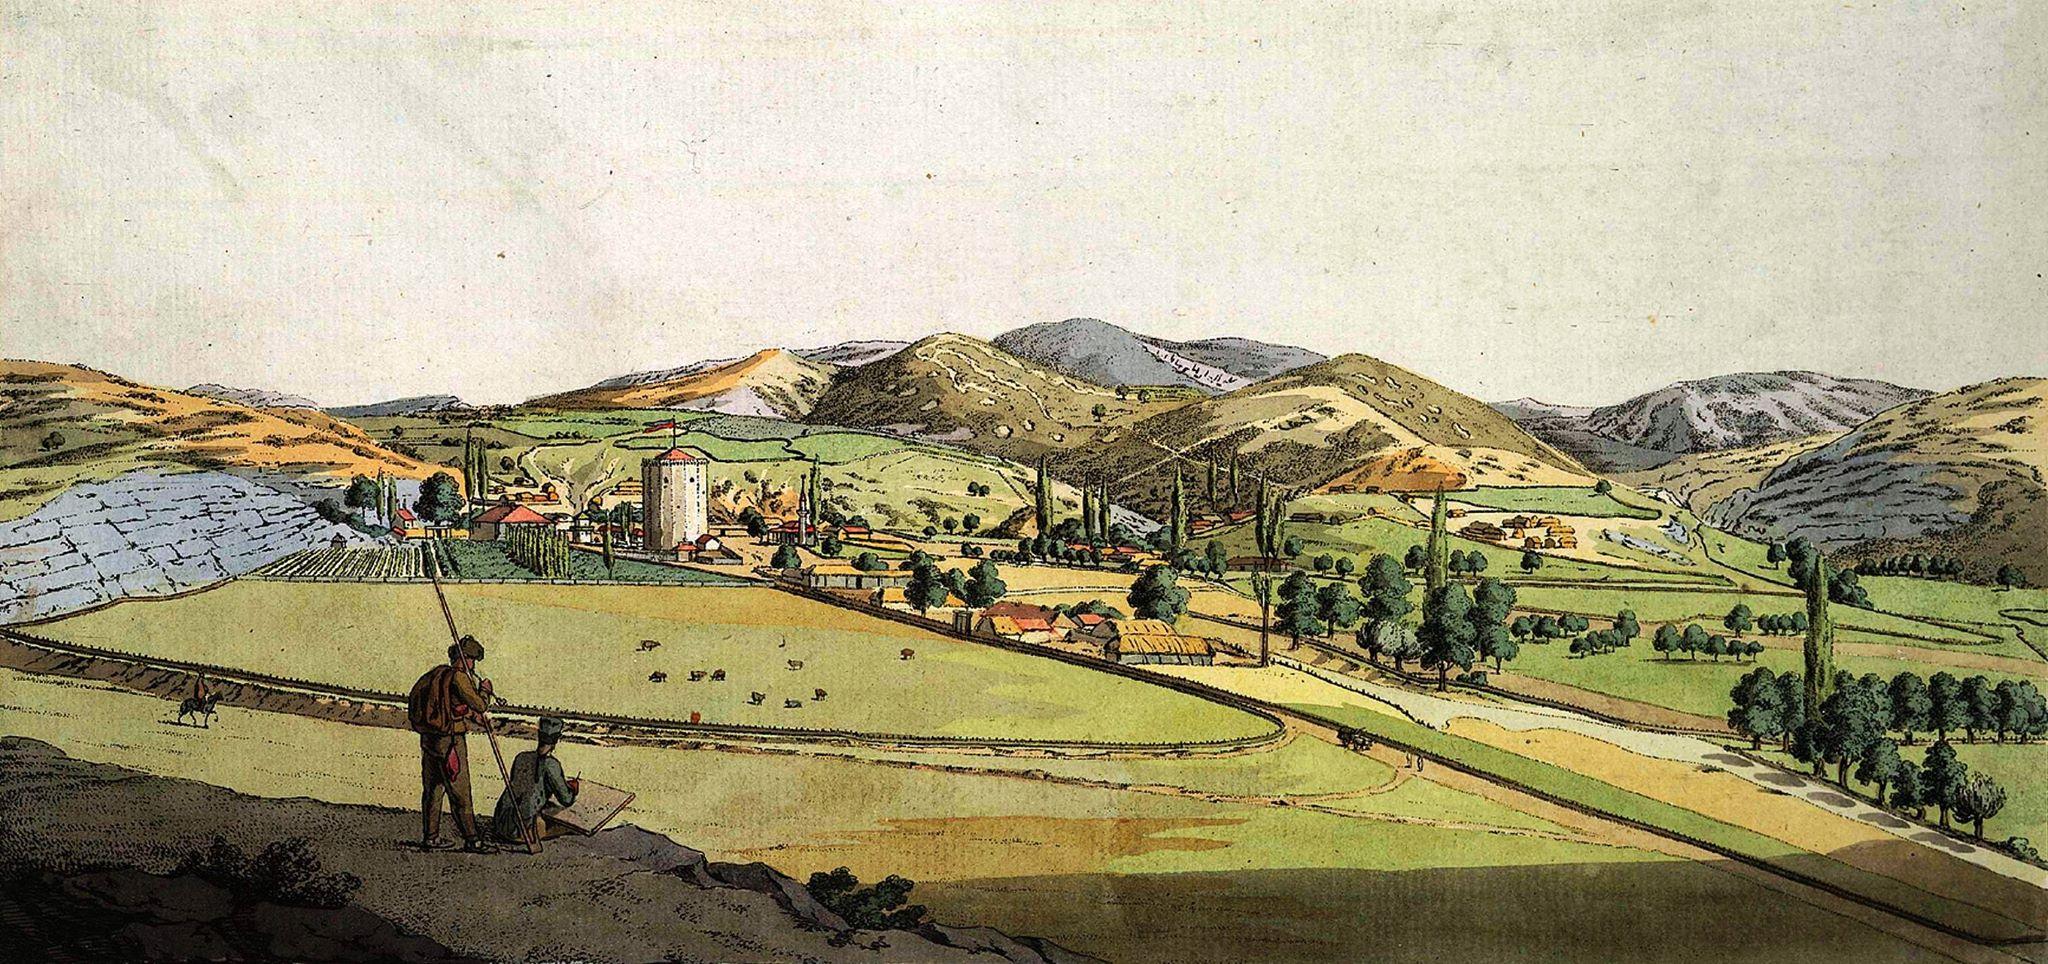 Христиан Гейслер. Чоргун. На рисунке изображена средневековая башня, слева от нее – дом имения Мавромихали в деревне Чоргун близ Балаклавы